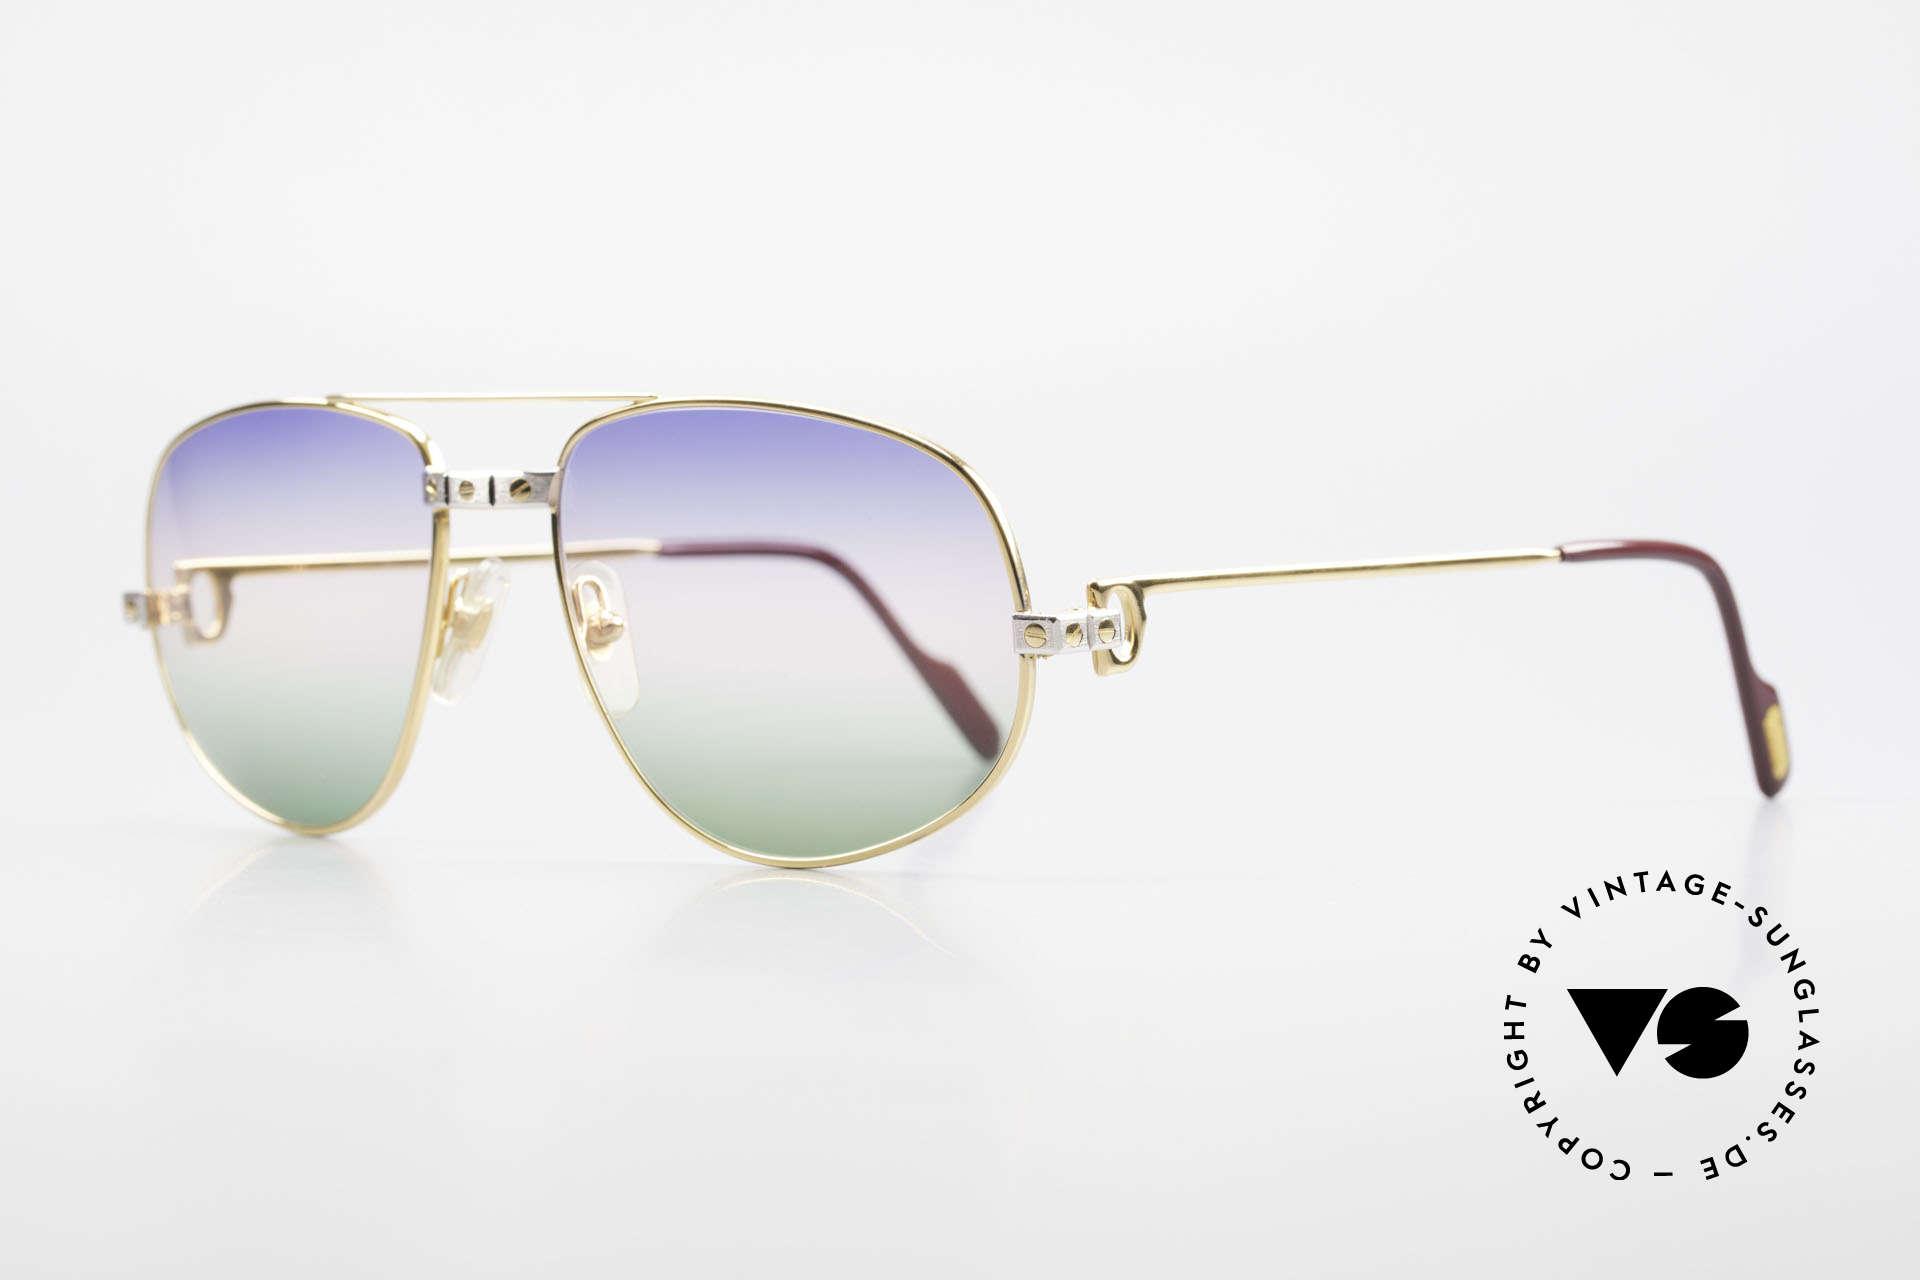 Cartier Romance Santos - L Luxus Vintage Sonnenbrille, dieses Mod. mit SANTOS-Dekor & LARGE Gr. 58-18, 140, Passend für Herren